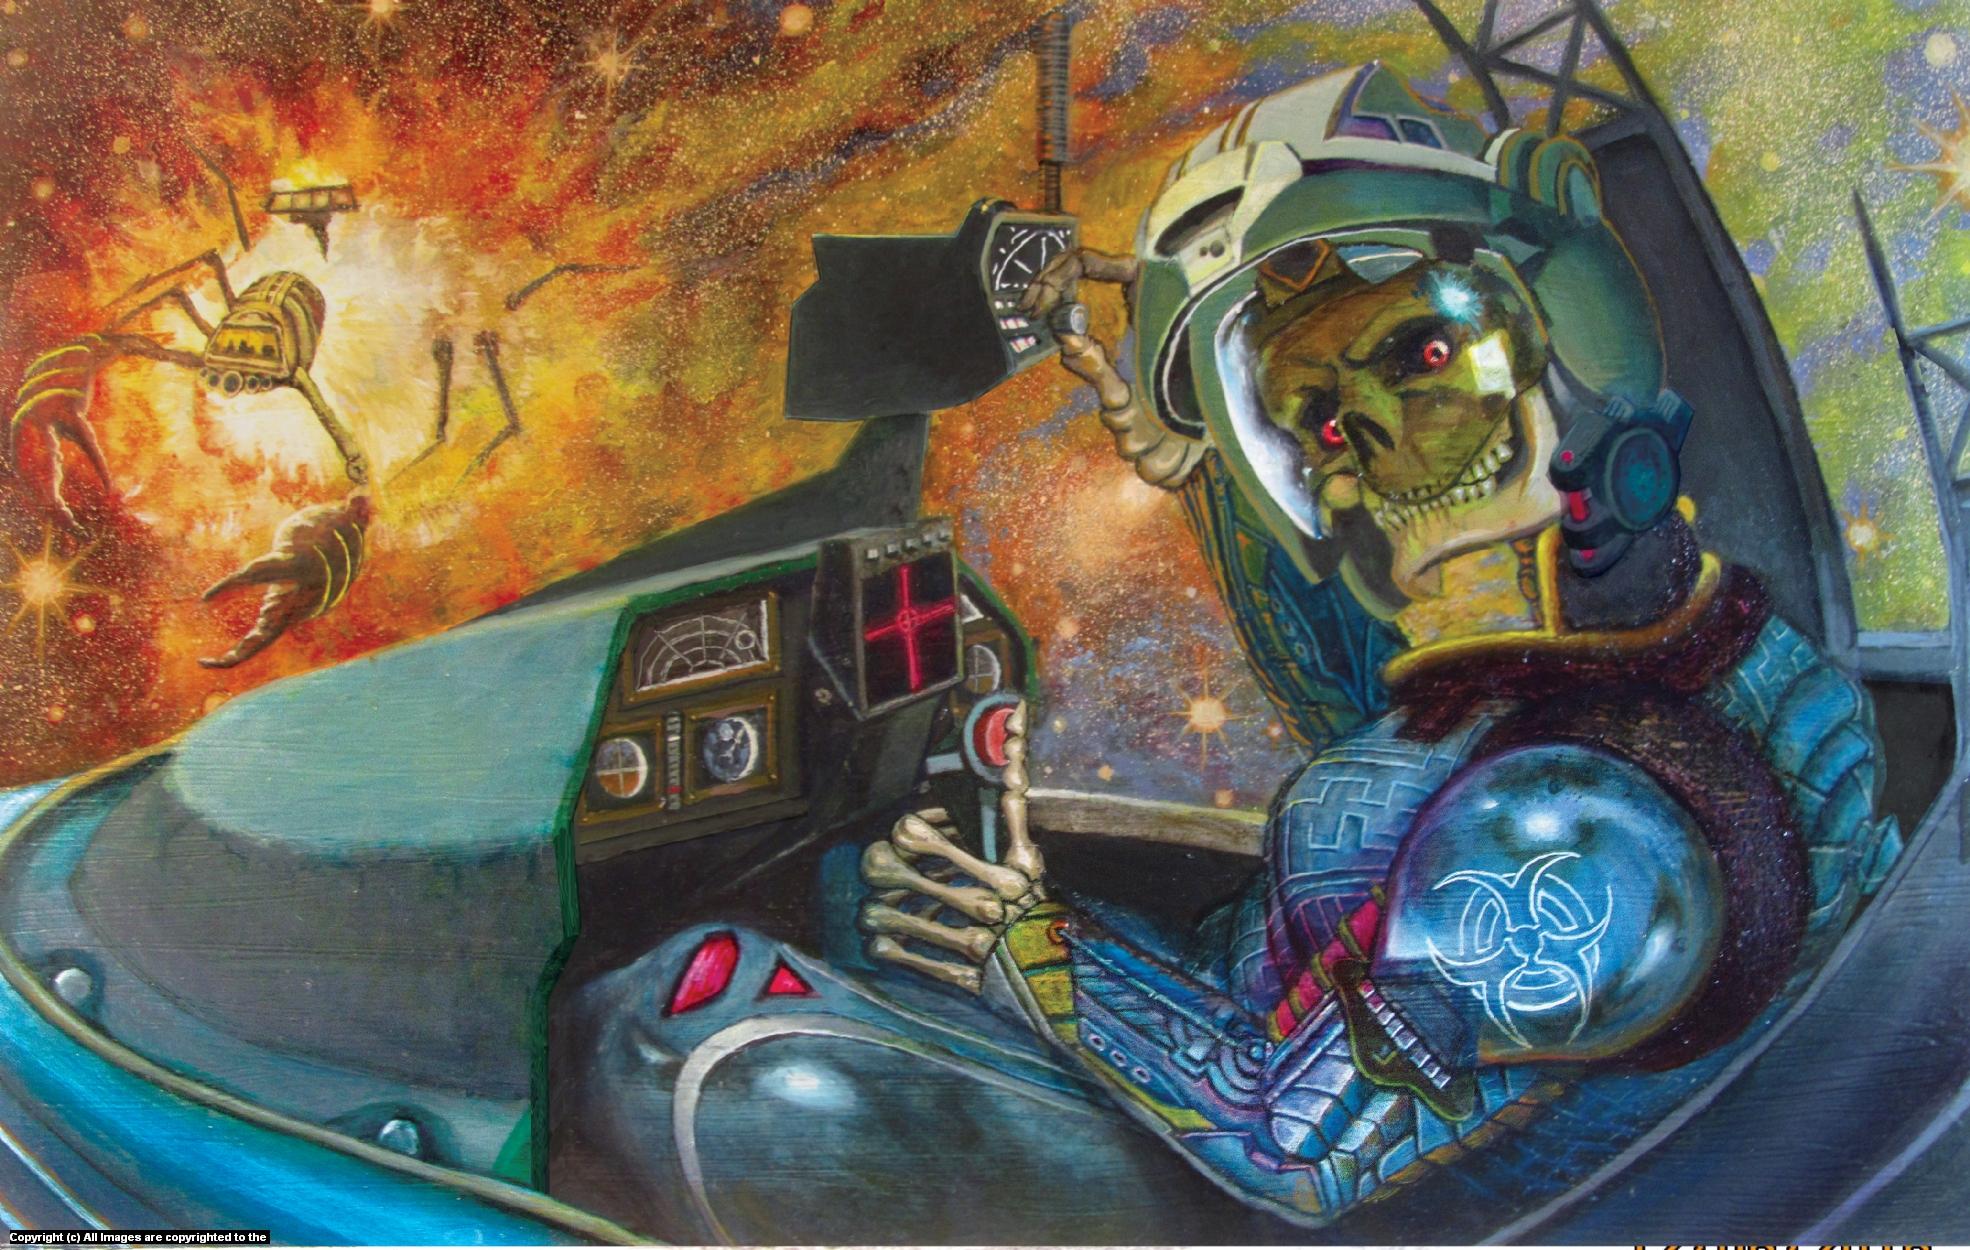 Galactic_Reaper Artwork by John Barrows